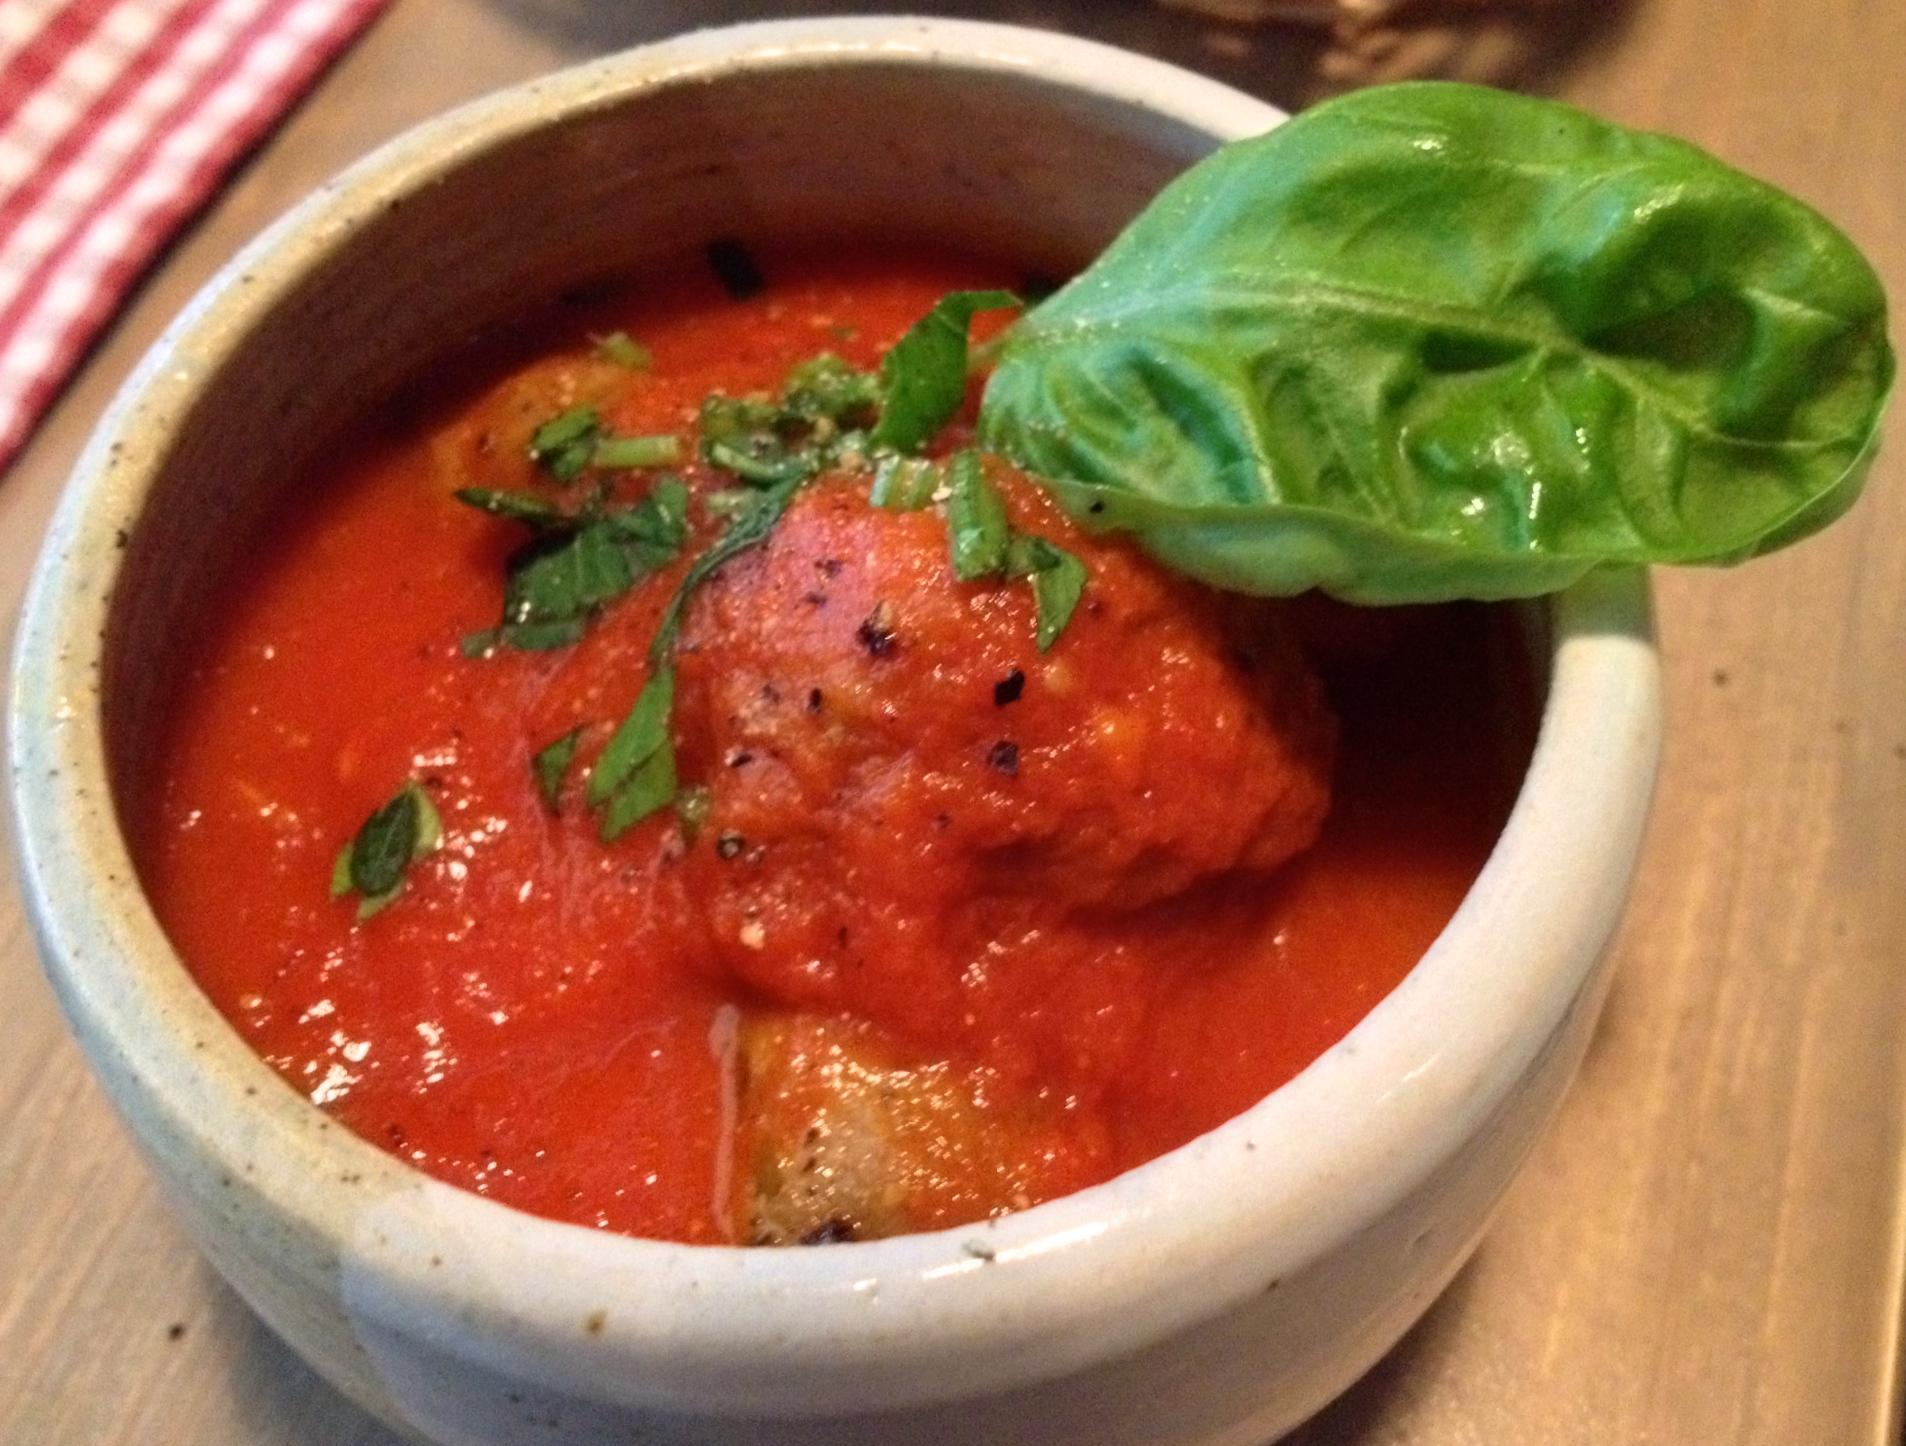 Albondigas in a basil-tomato sauce